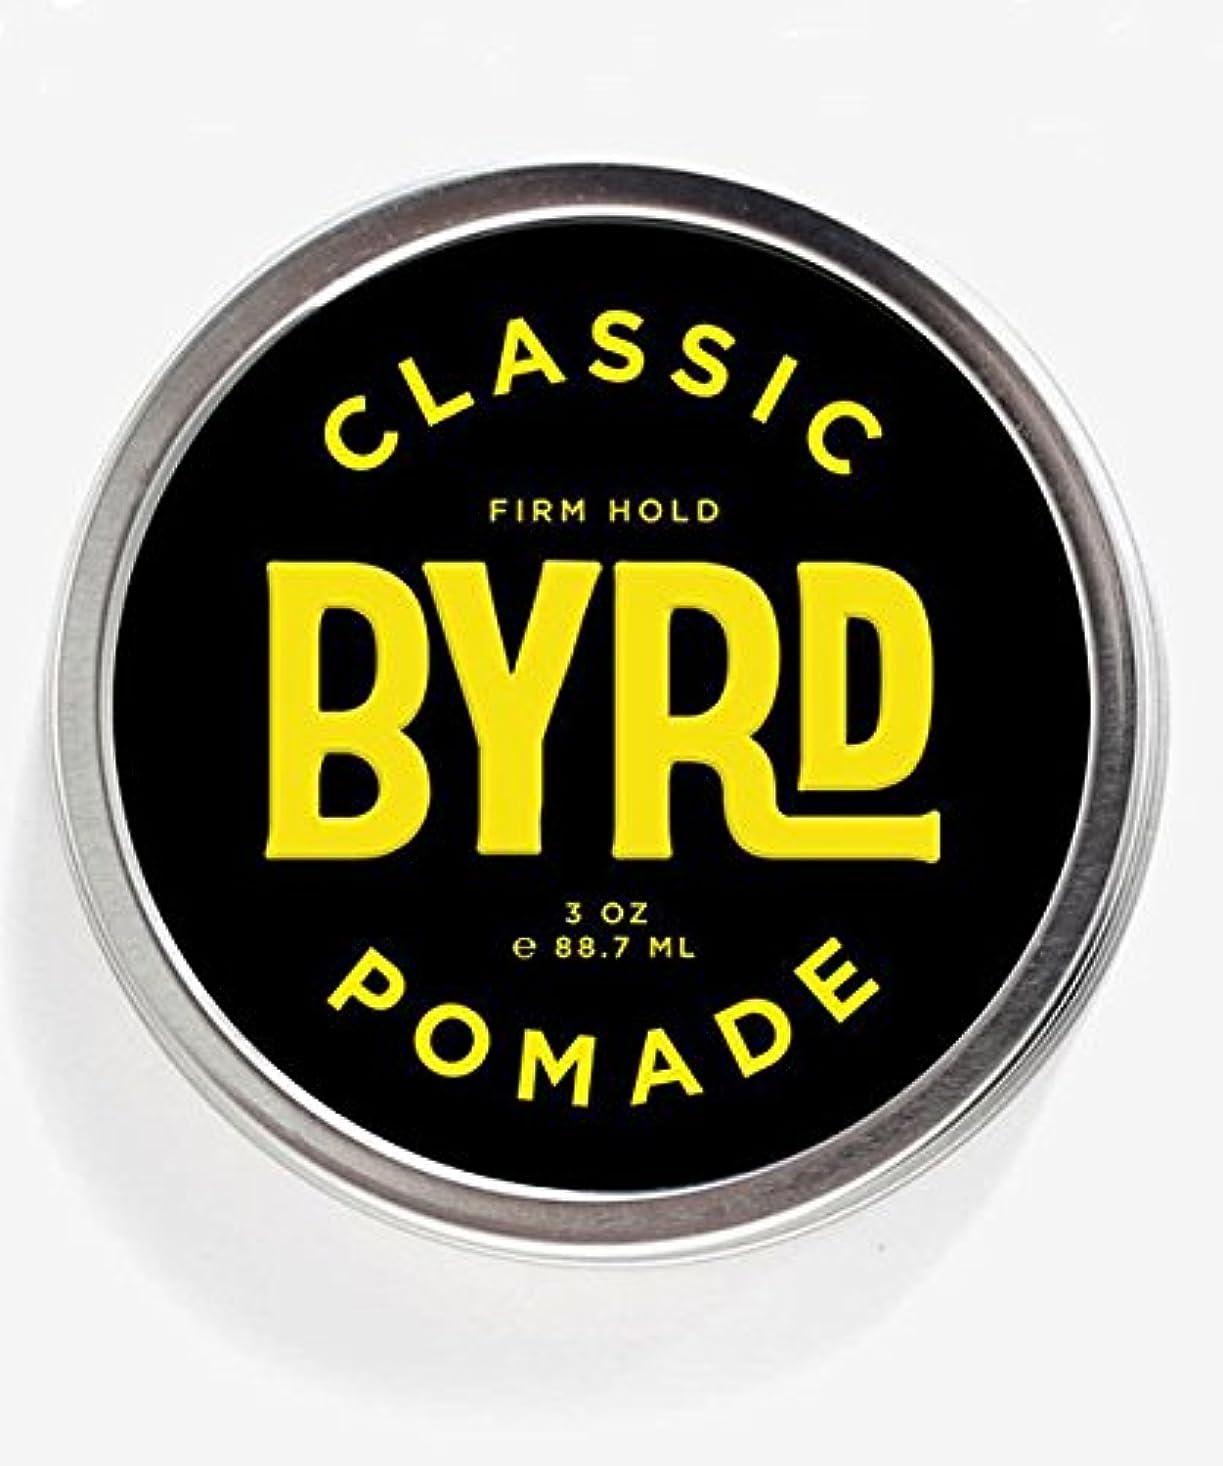 予約見かけ上つかの間BYRD(バード) クラシックポマード 85g